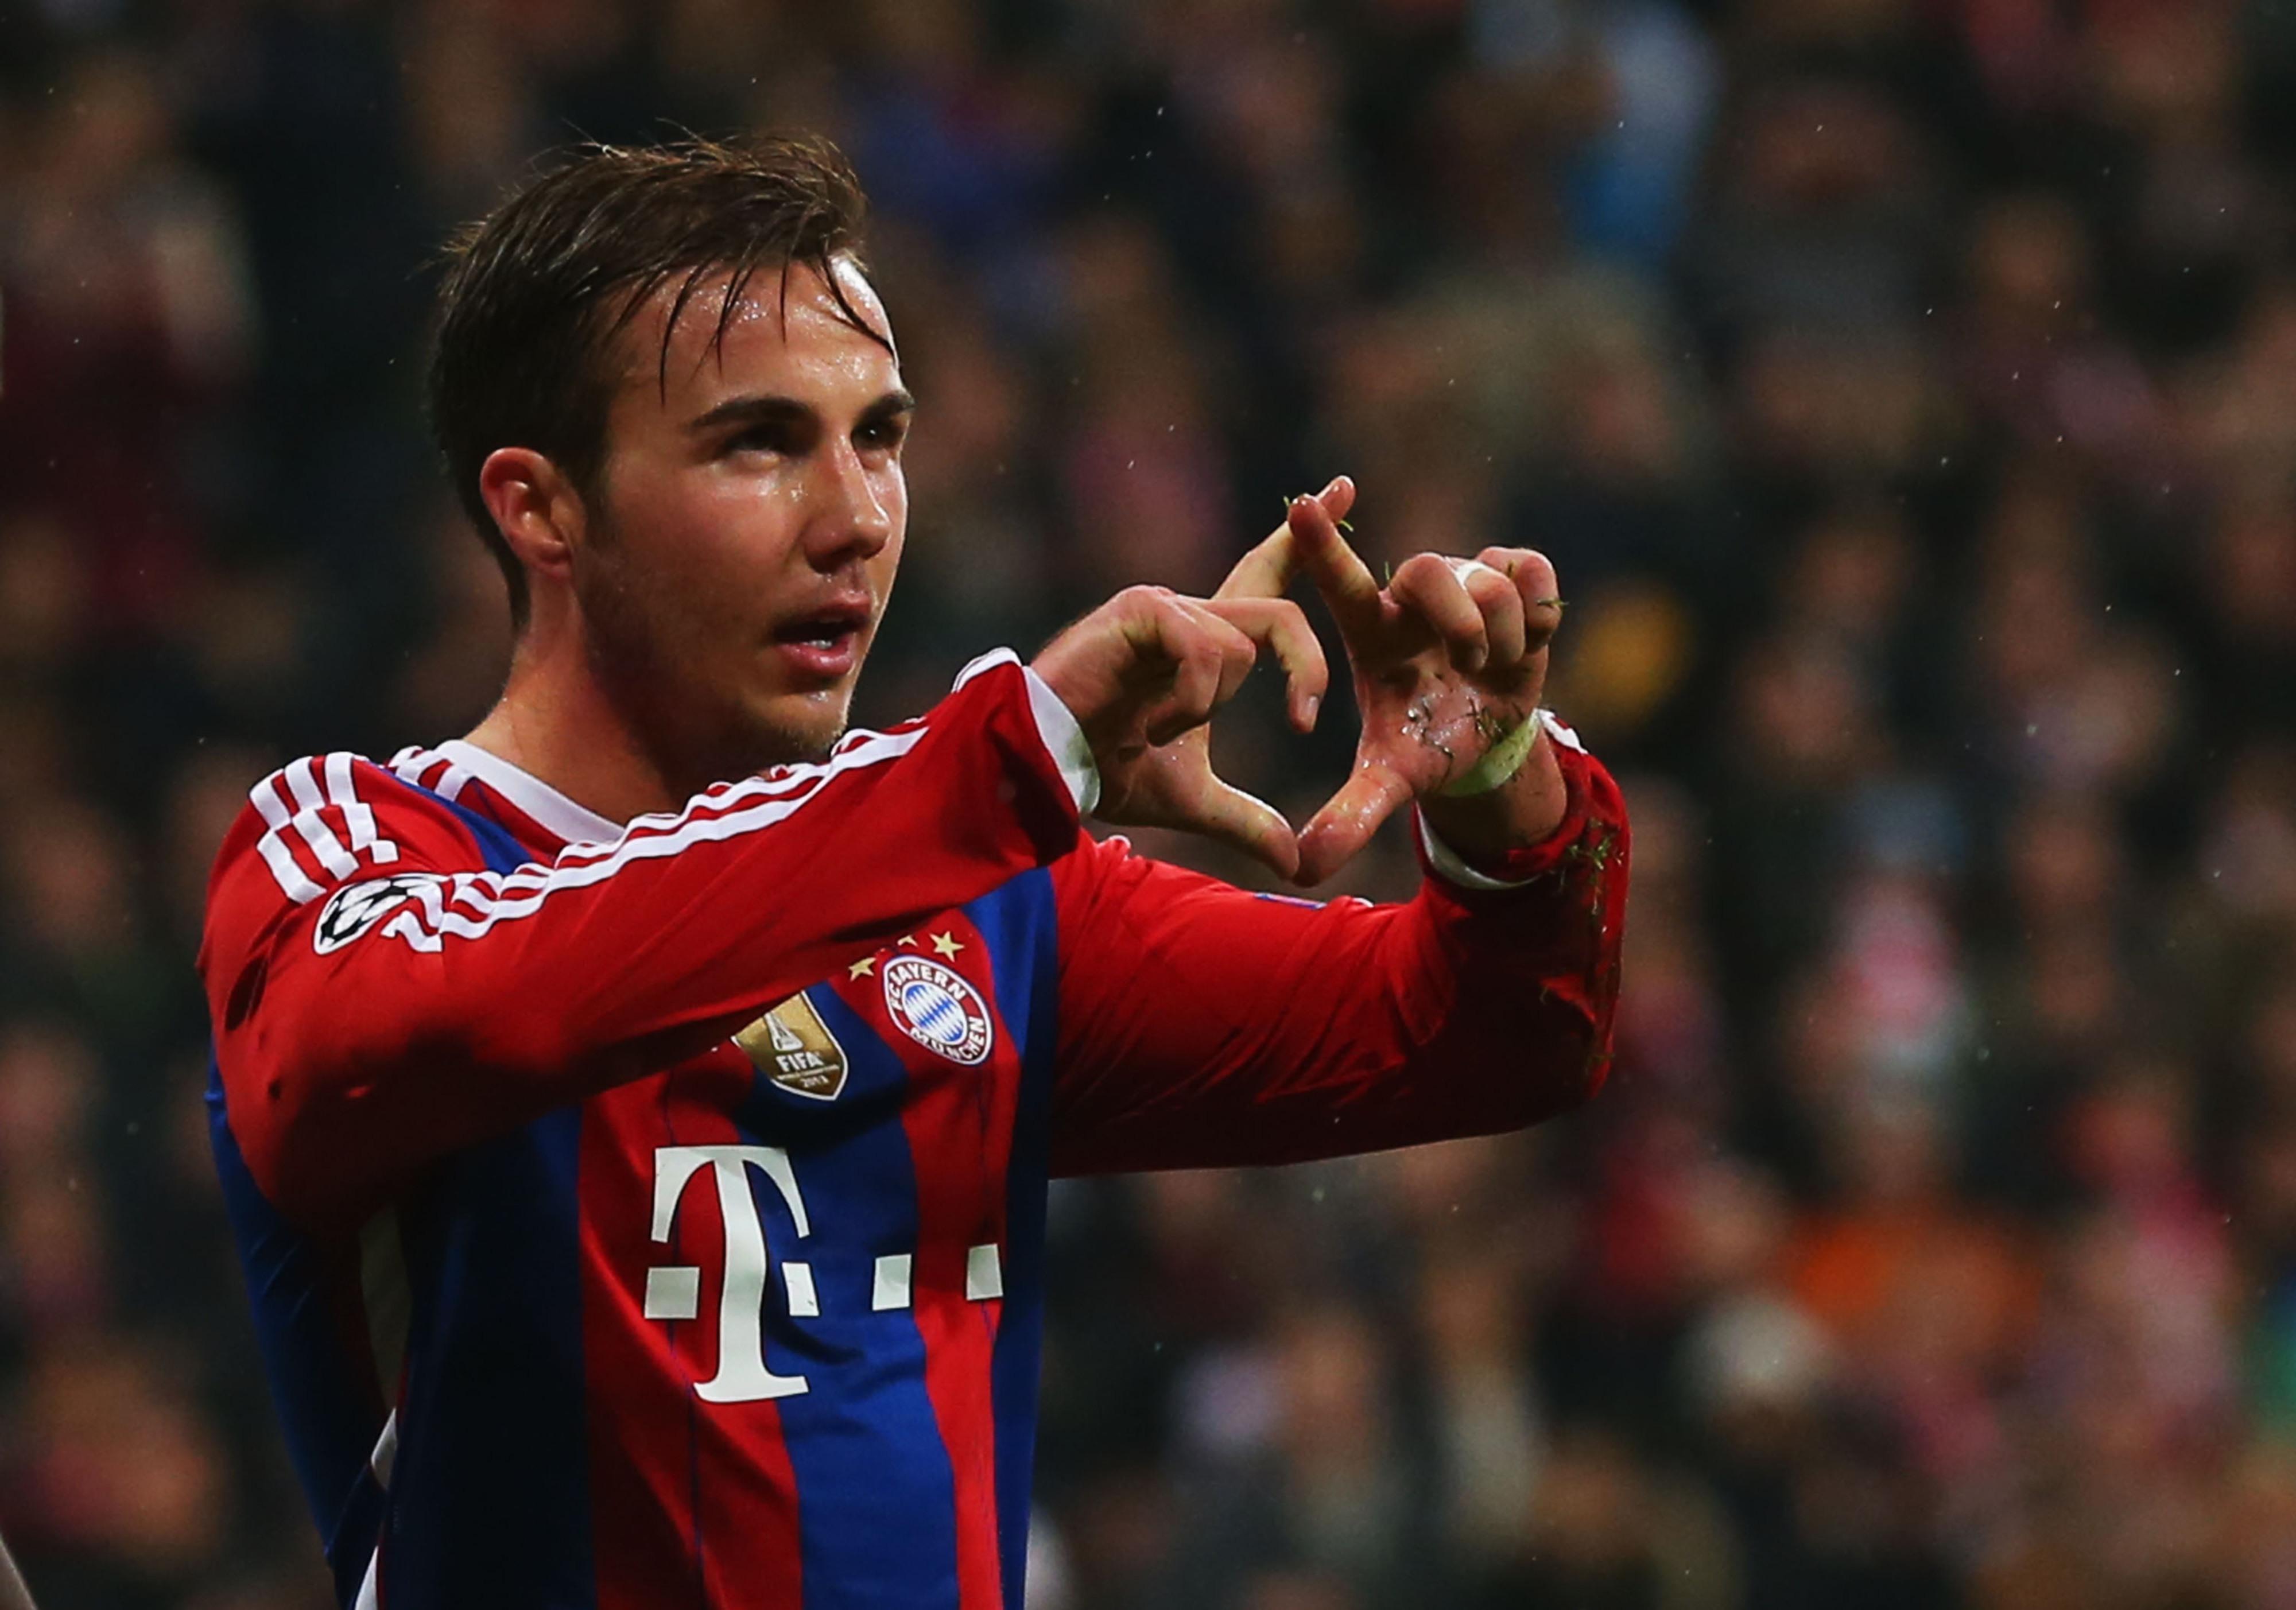 Bayern Munich vs. Roma: Final score 2-0, Bavarians cruise to victory